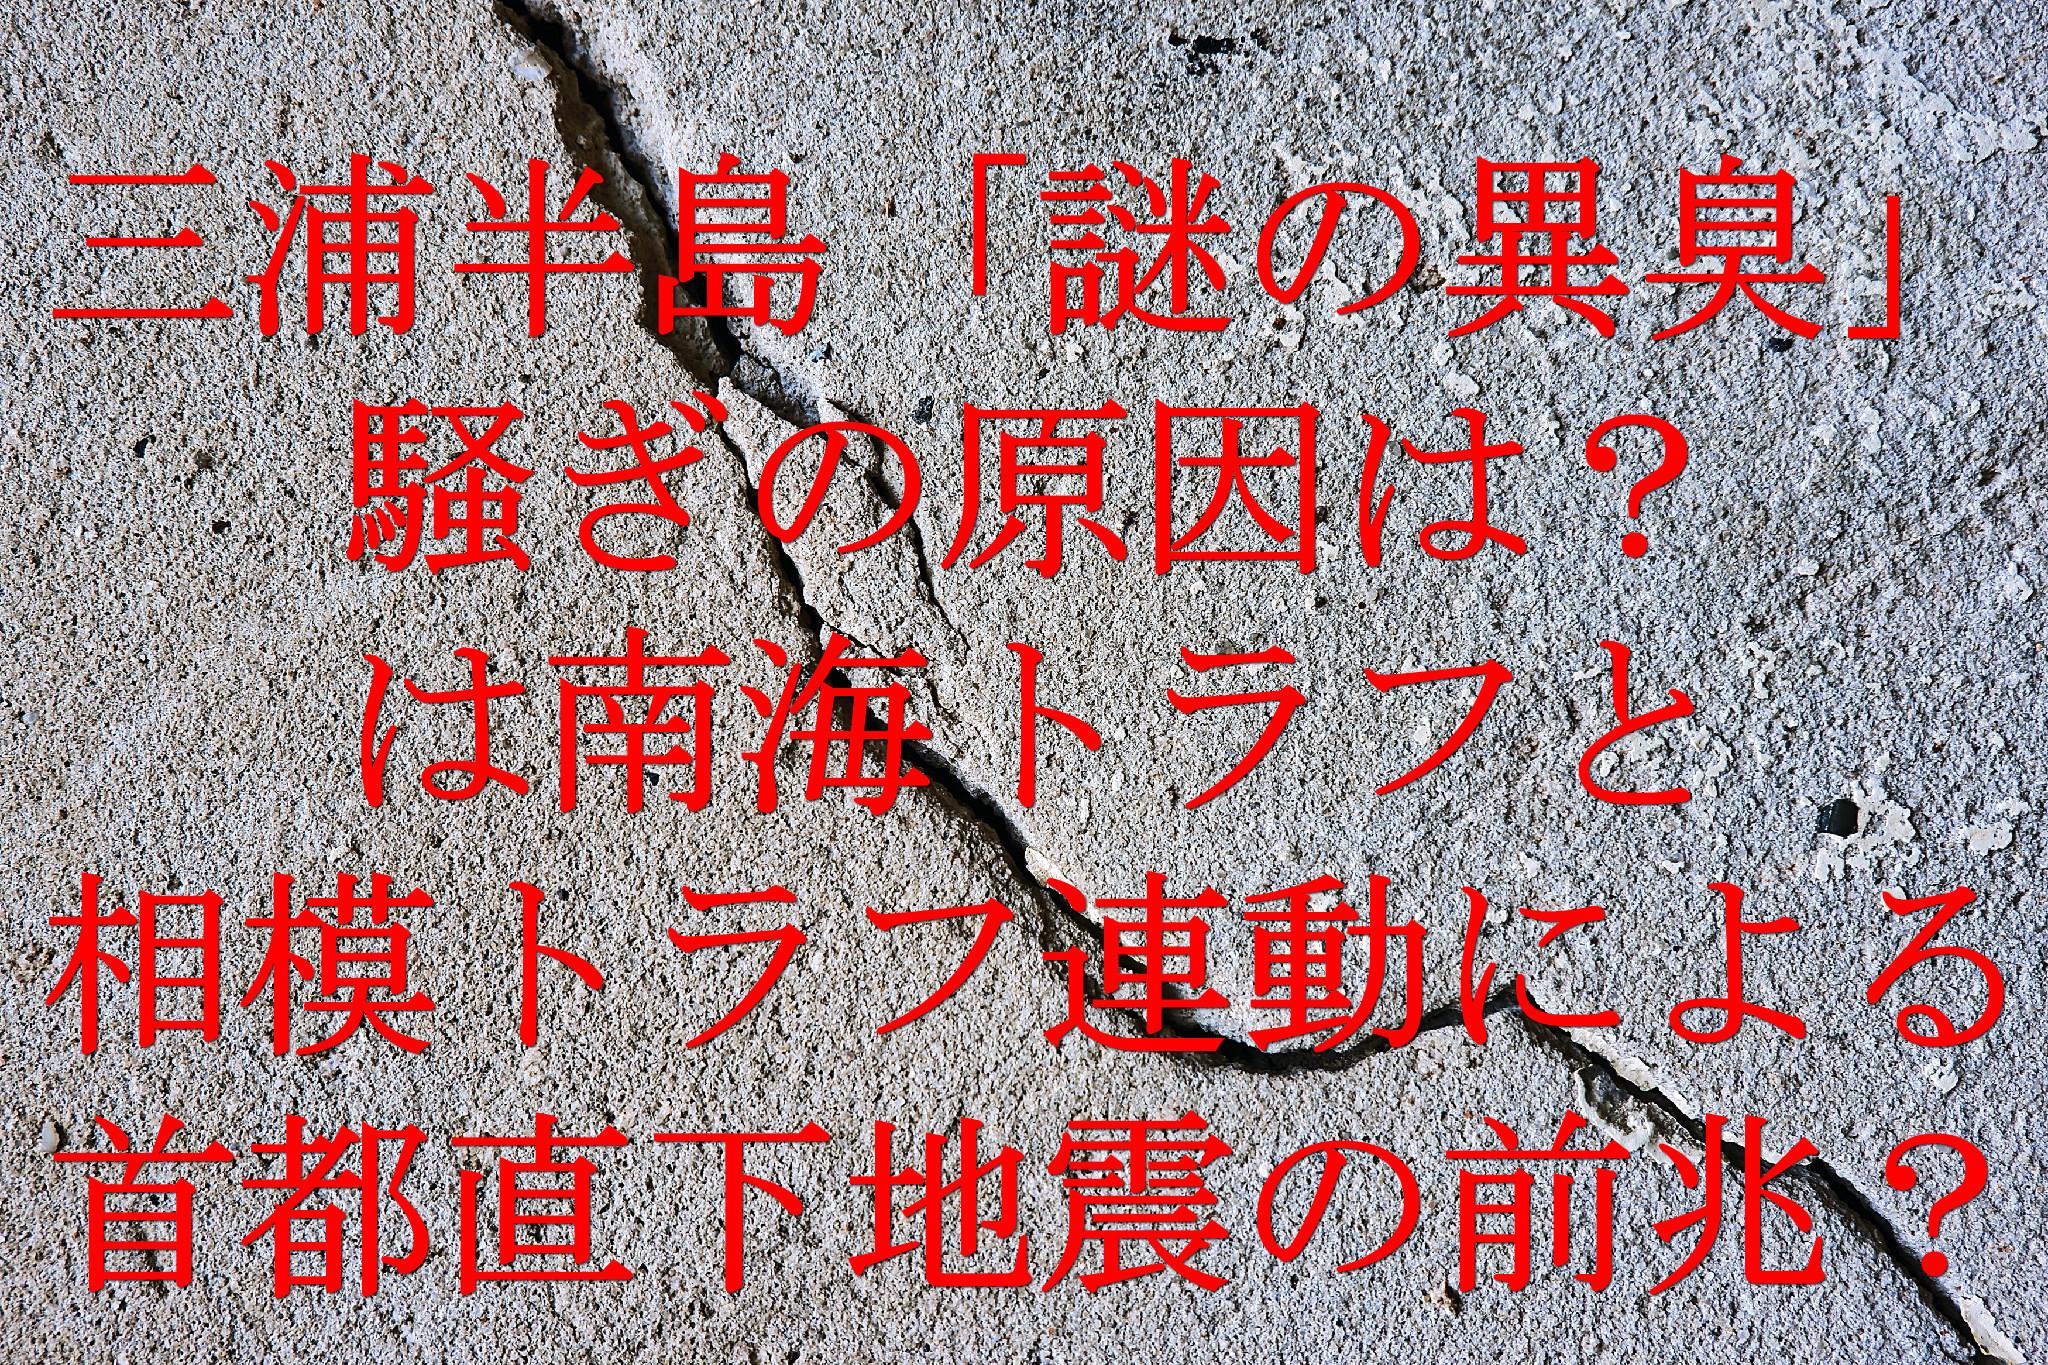 騒ぎ 神奈川 異臭